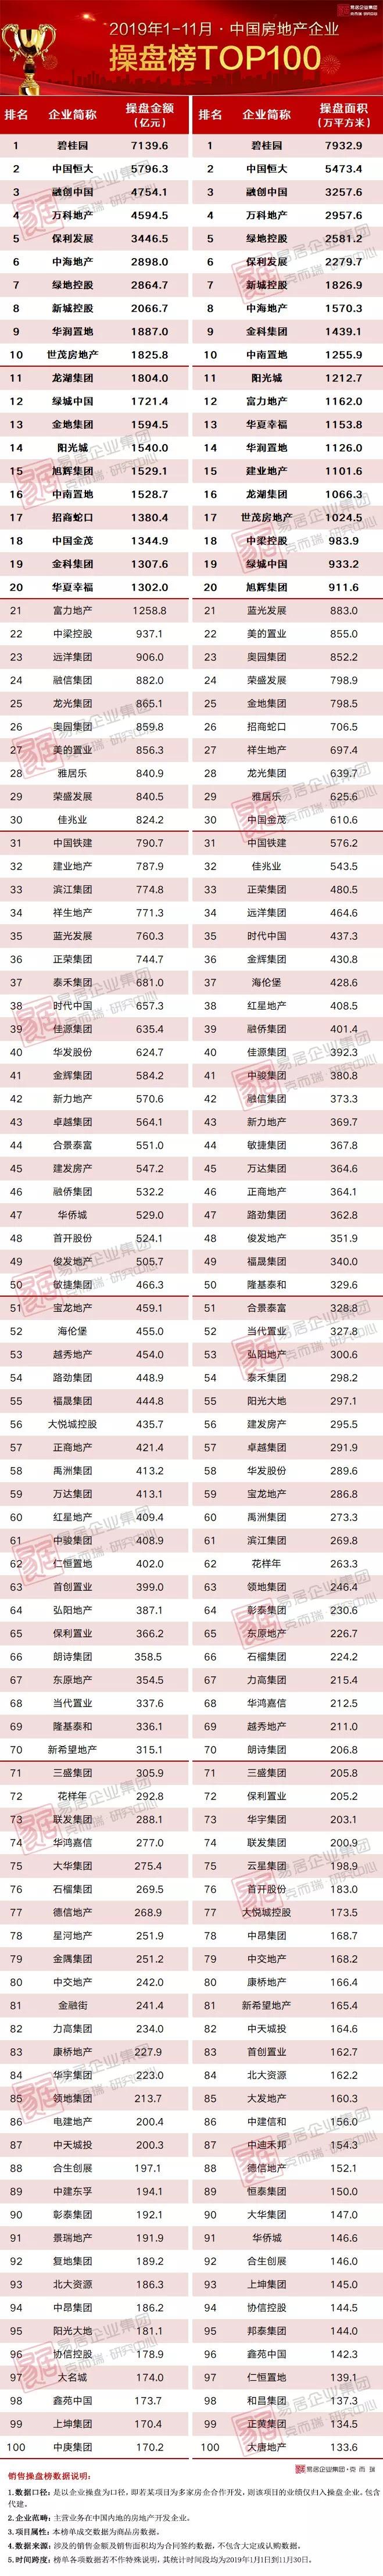 2019年1-11月中国房地产企业销售TOP100排行榜